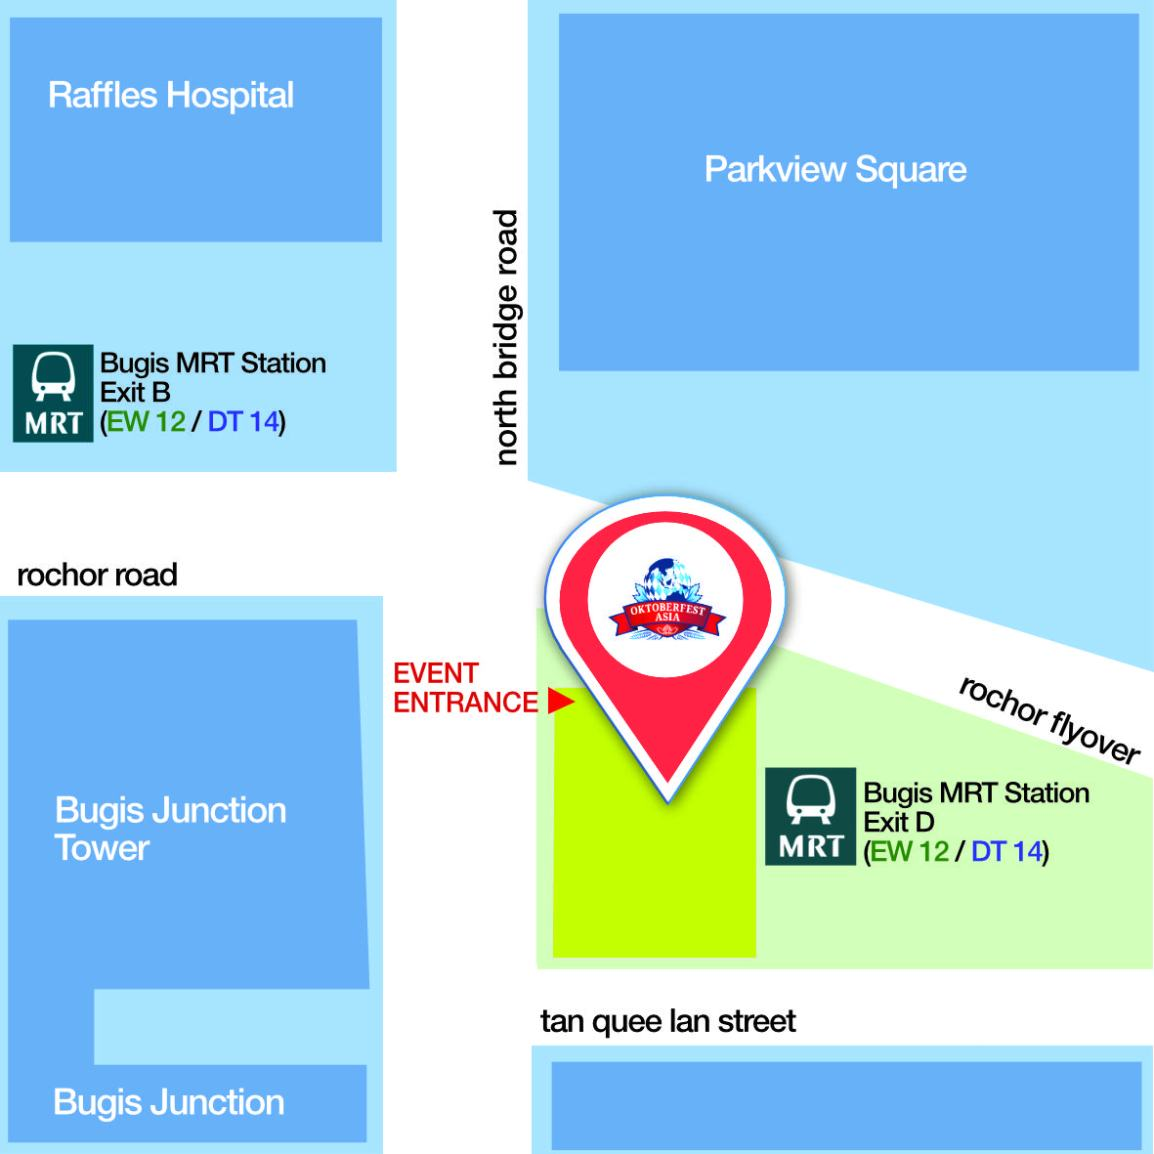 ofa17.map1.jpg